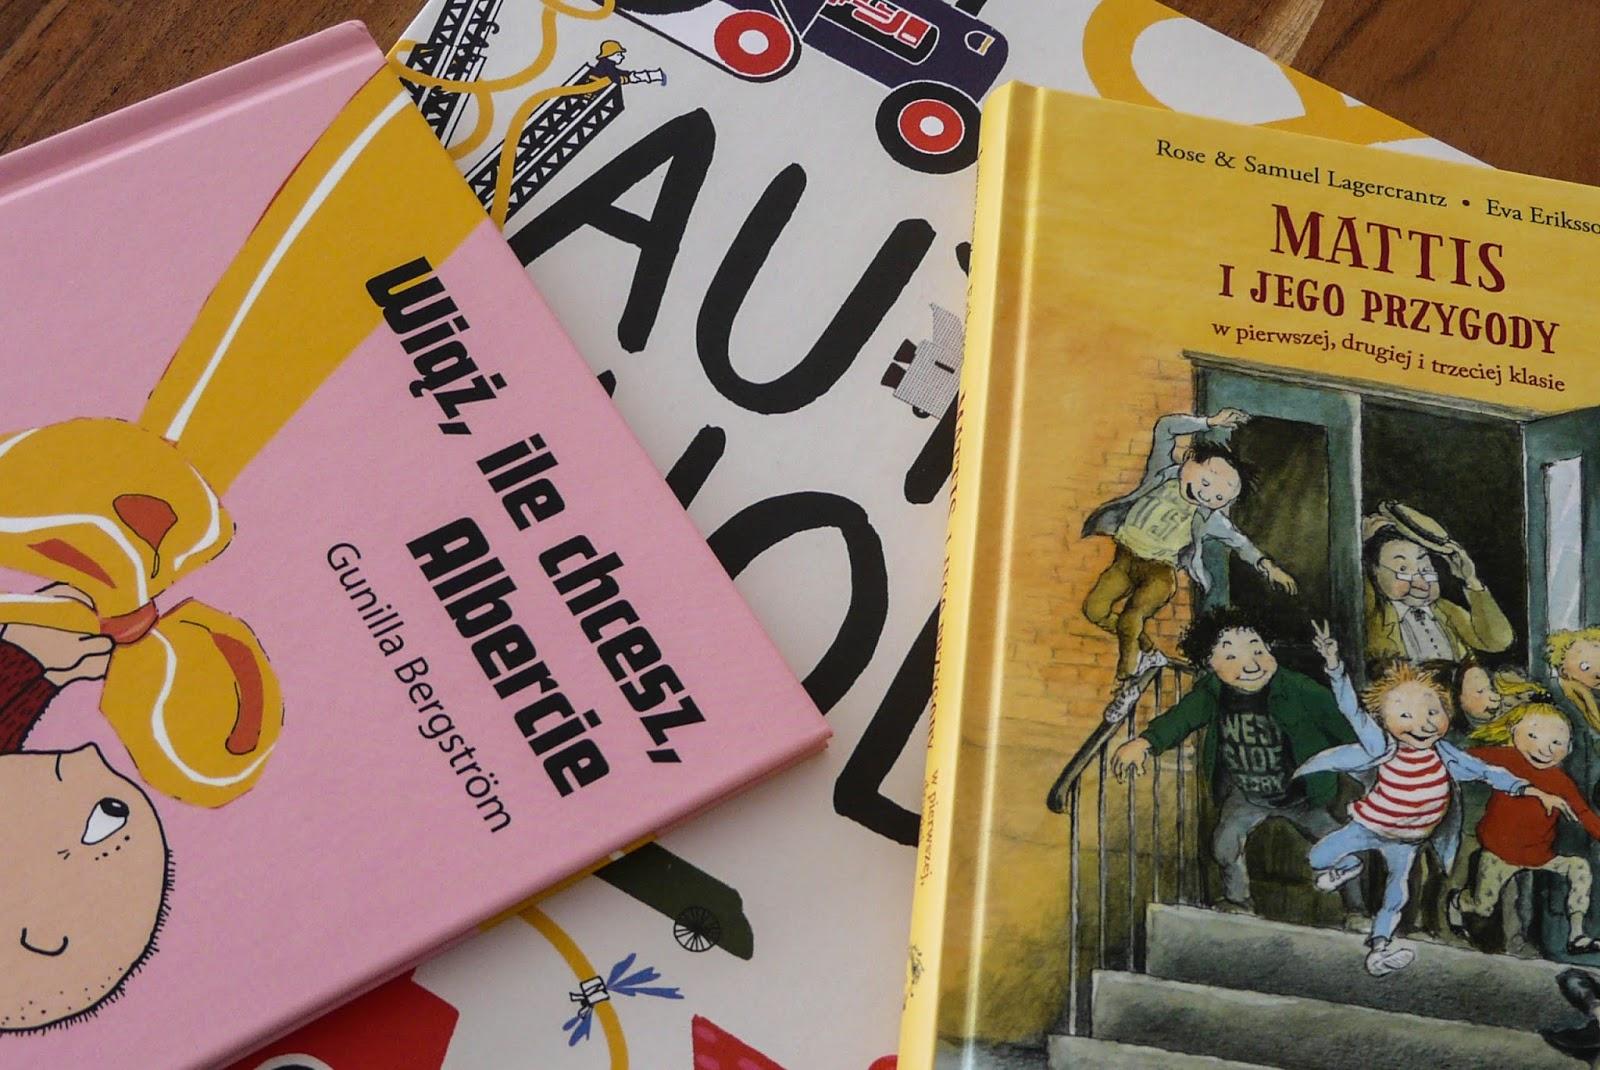 książki dla dzieci, co czytać dzieciom, mądre książki dla trzylatka, książki dla sześciolatka